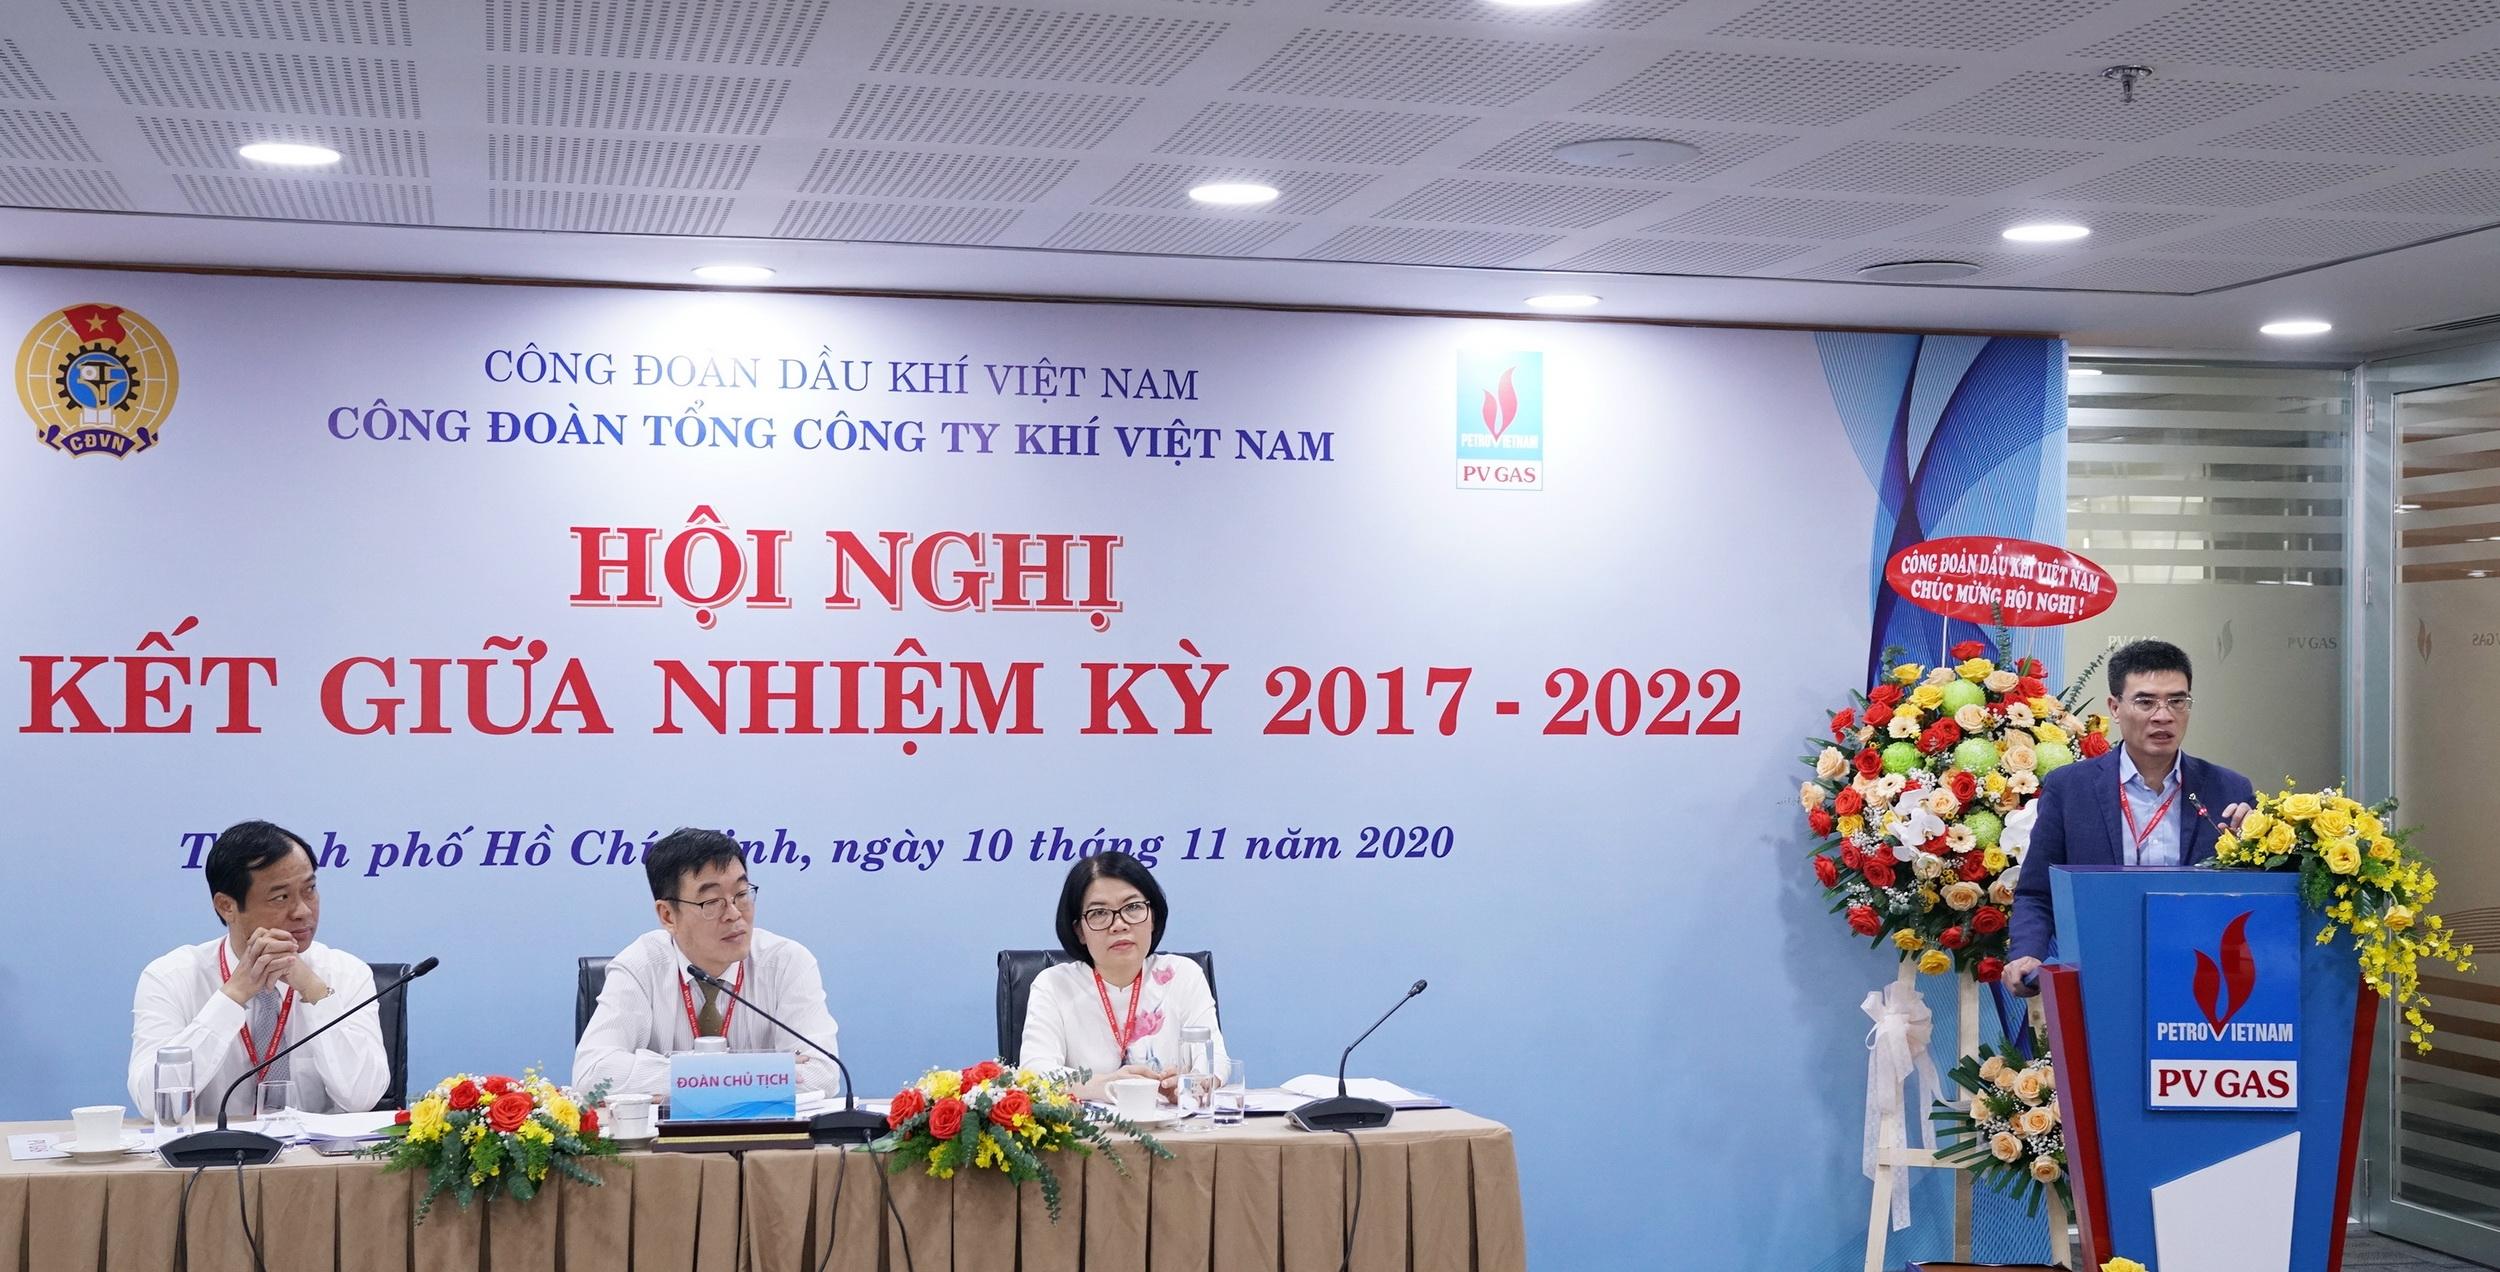 Bí thư Đảng ủy - Tổng Giám đốc PV GAS phát biểu tại Hội nghị